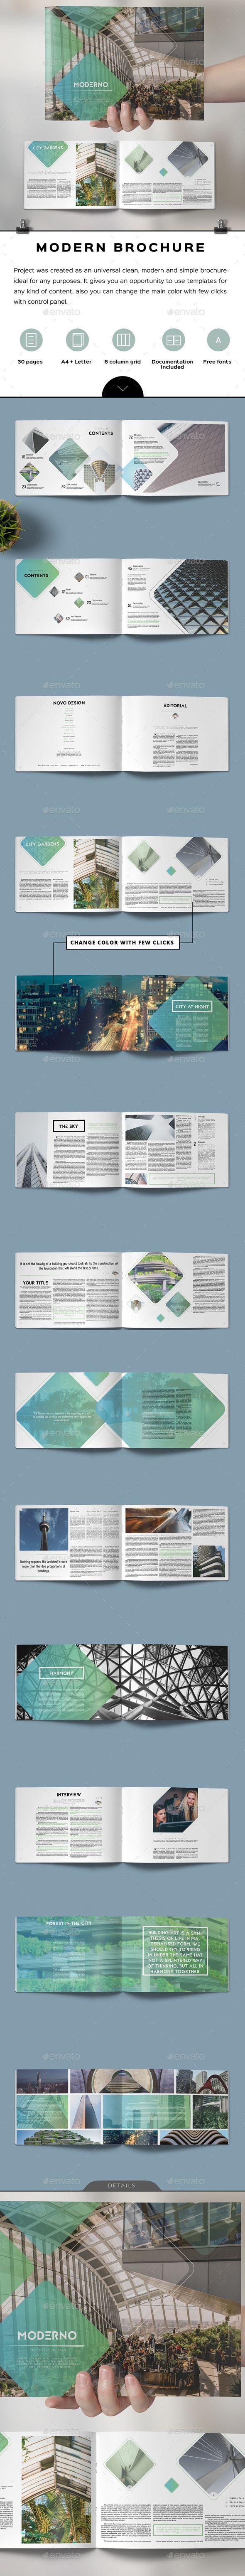 Moderno Brochure - Corporate Brochures